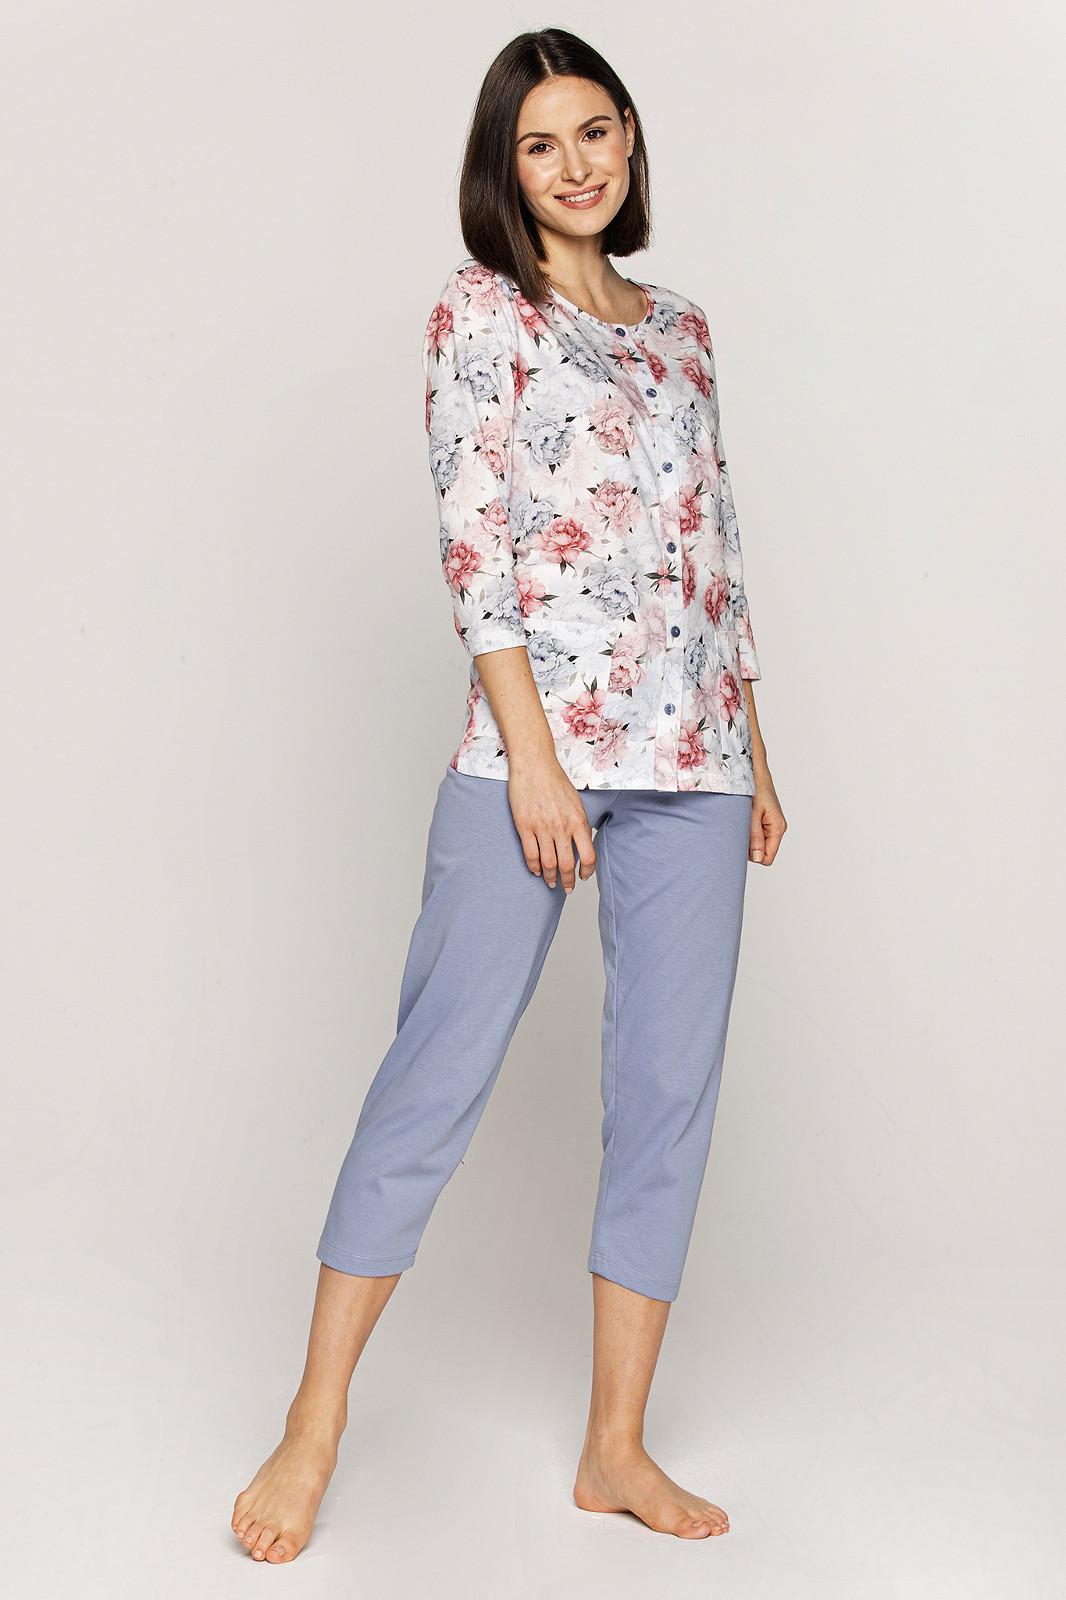 Dámské pyžamo Cana 561 3/4 2XL